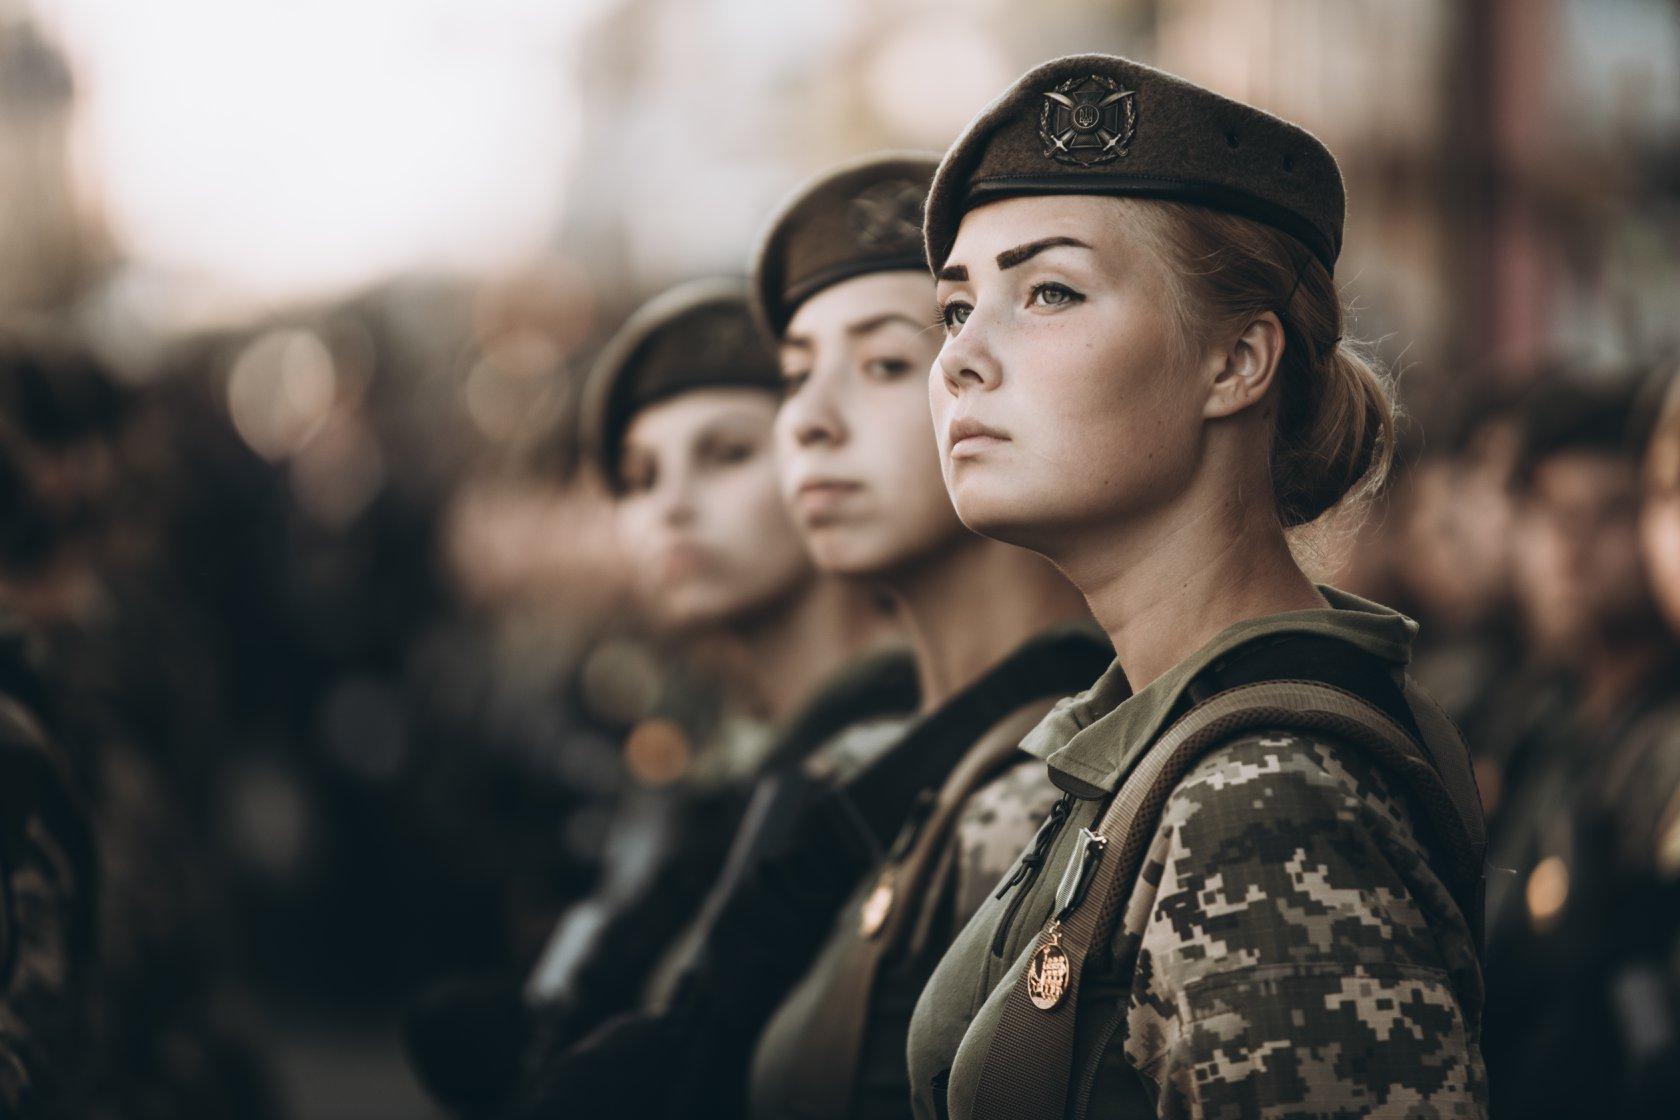 Фото красивых девушек украины, Где самые красивые девушки? В России или на Украине? 19 фотография